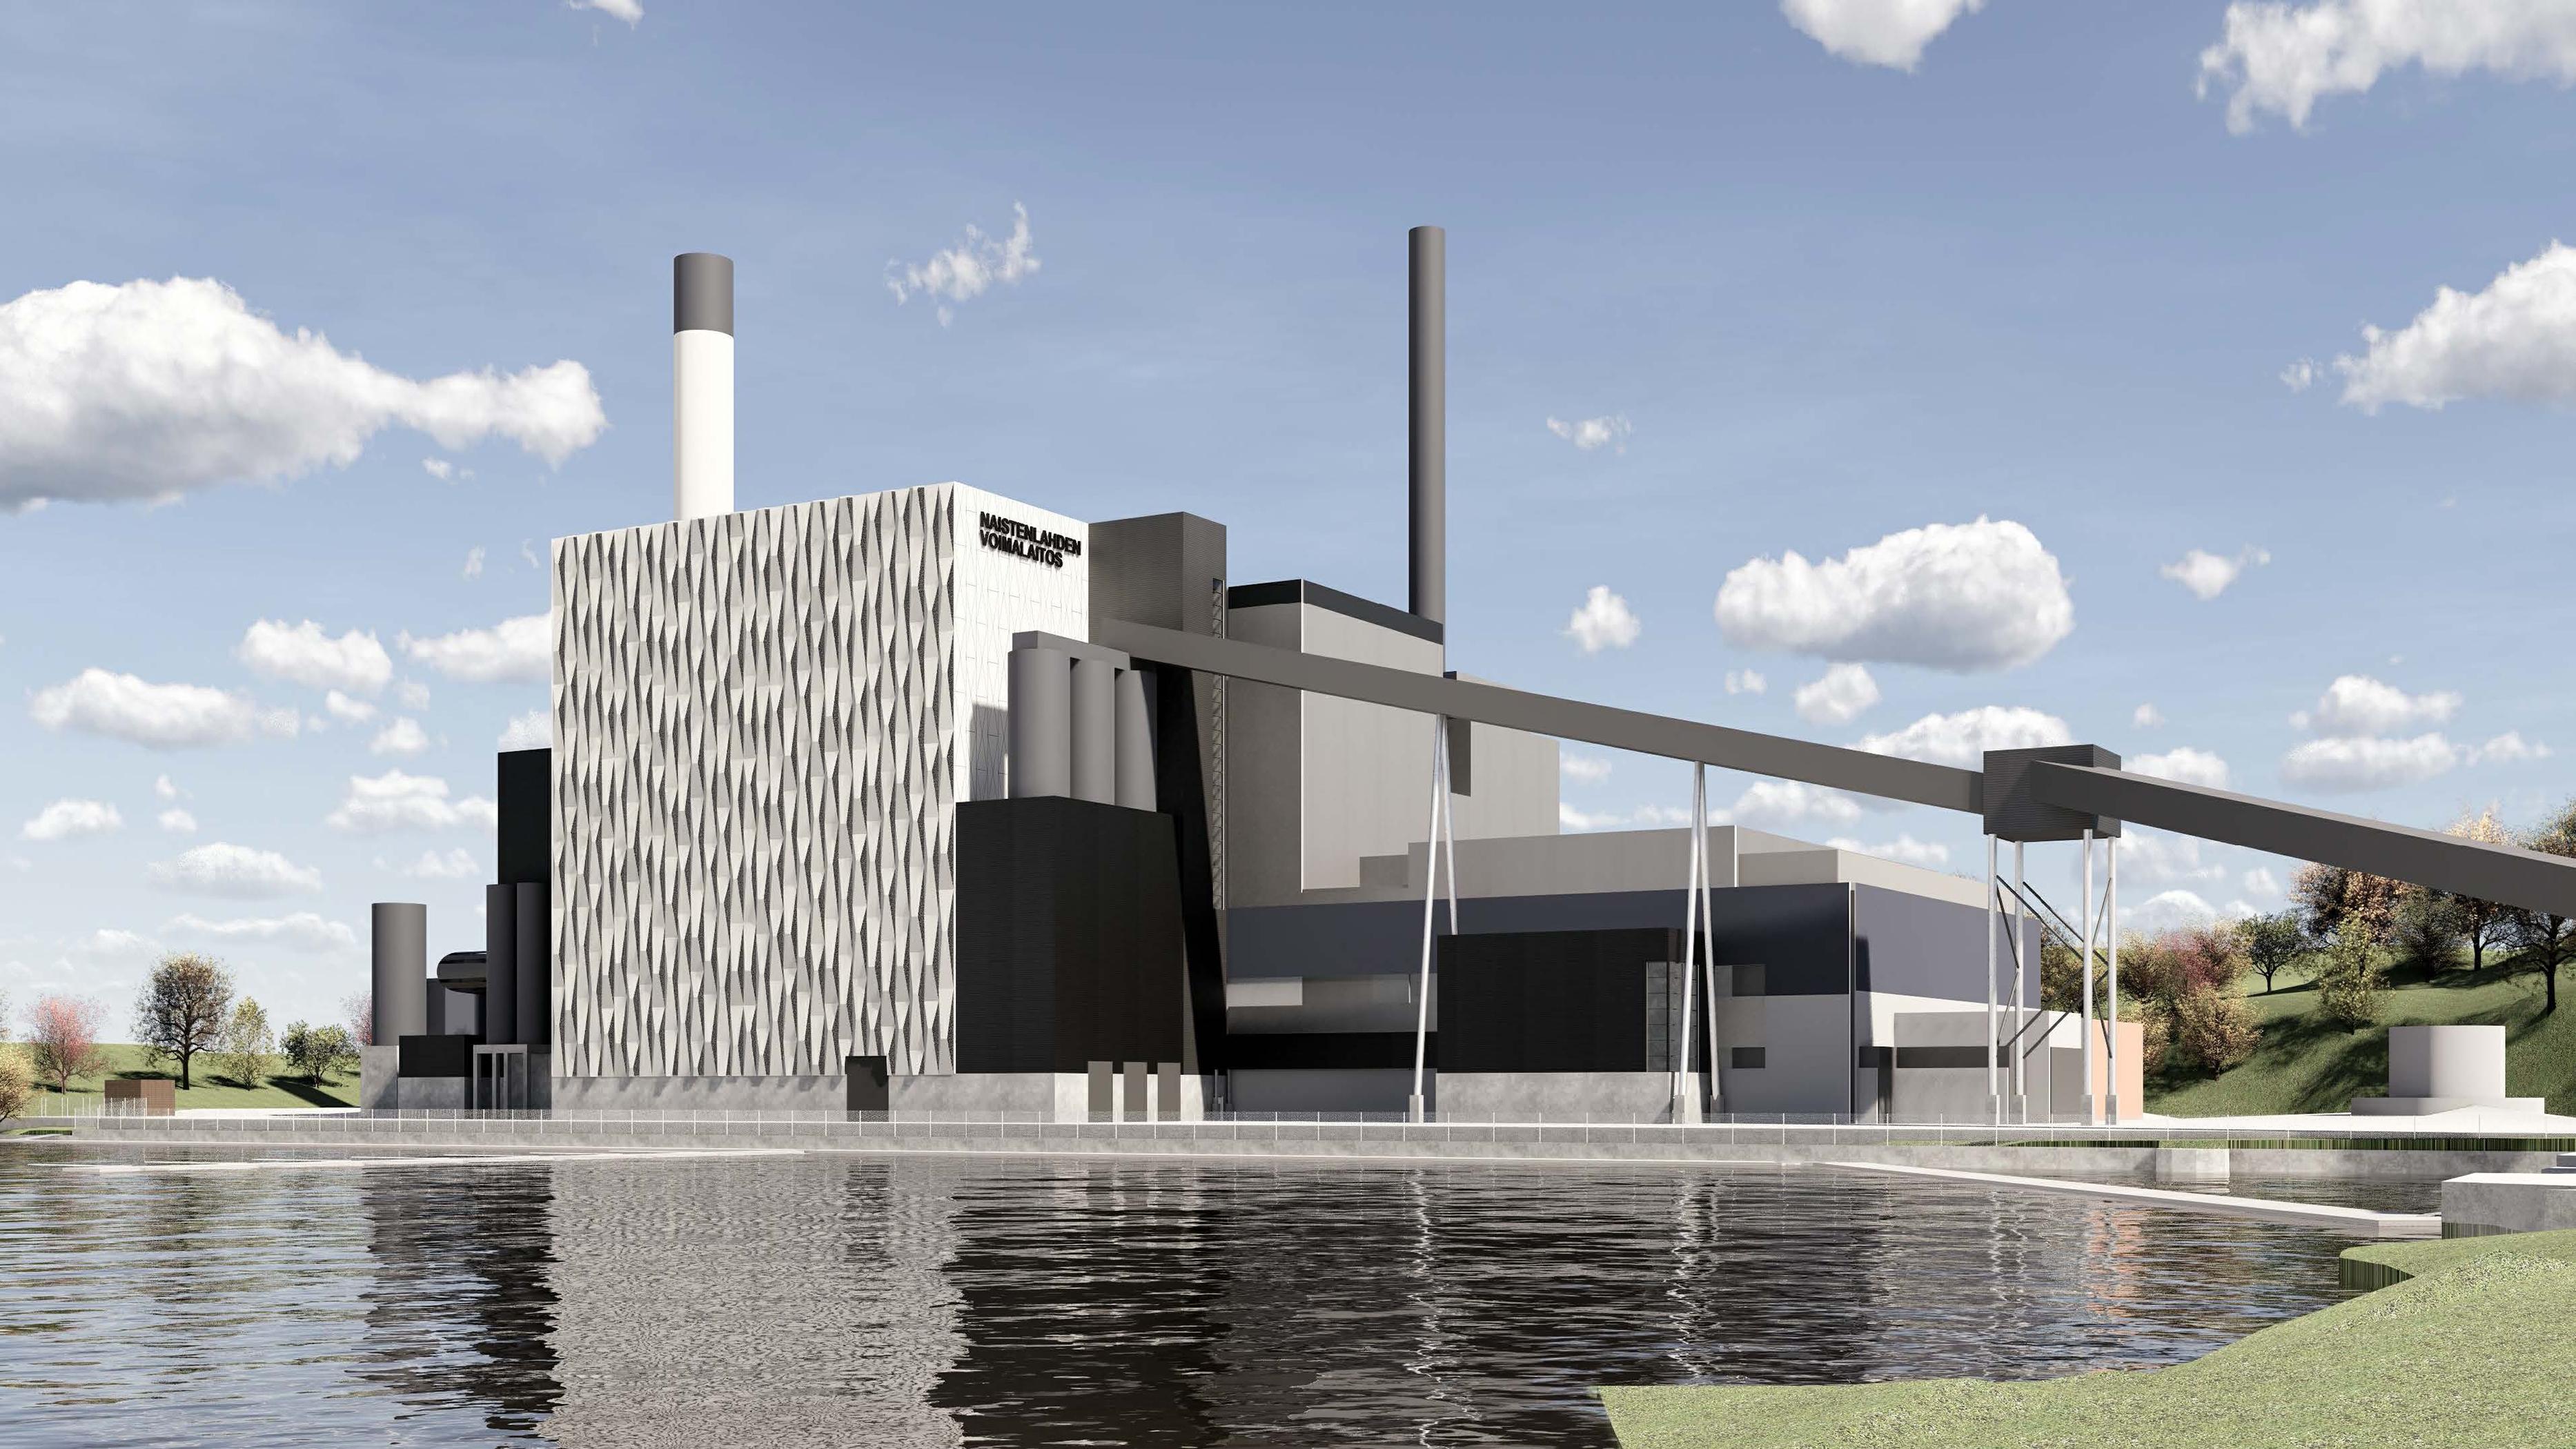 Illustration of the Tampereen Sähkölaitos Oy's Naistenlahti power plant in Tampere, Finland